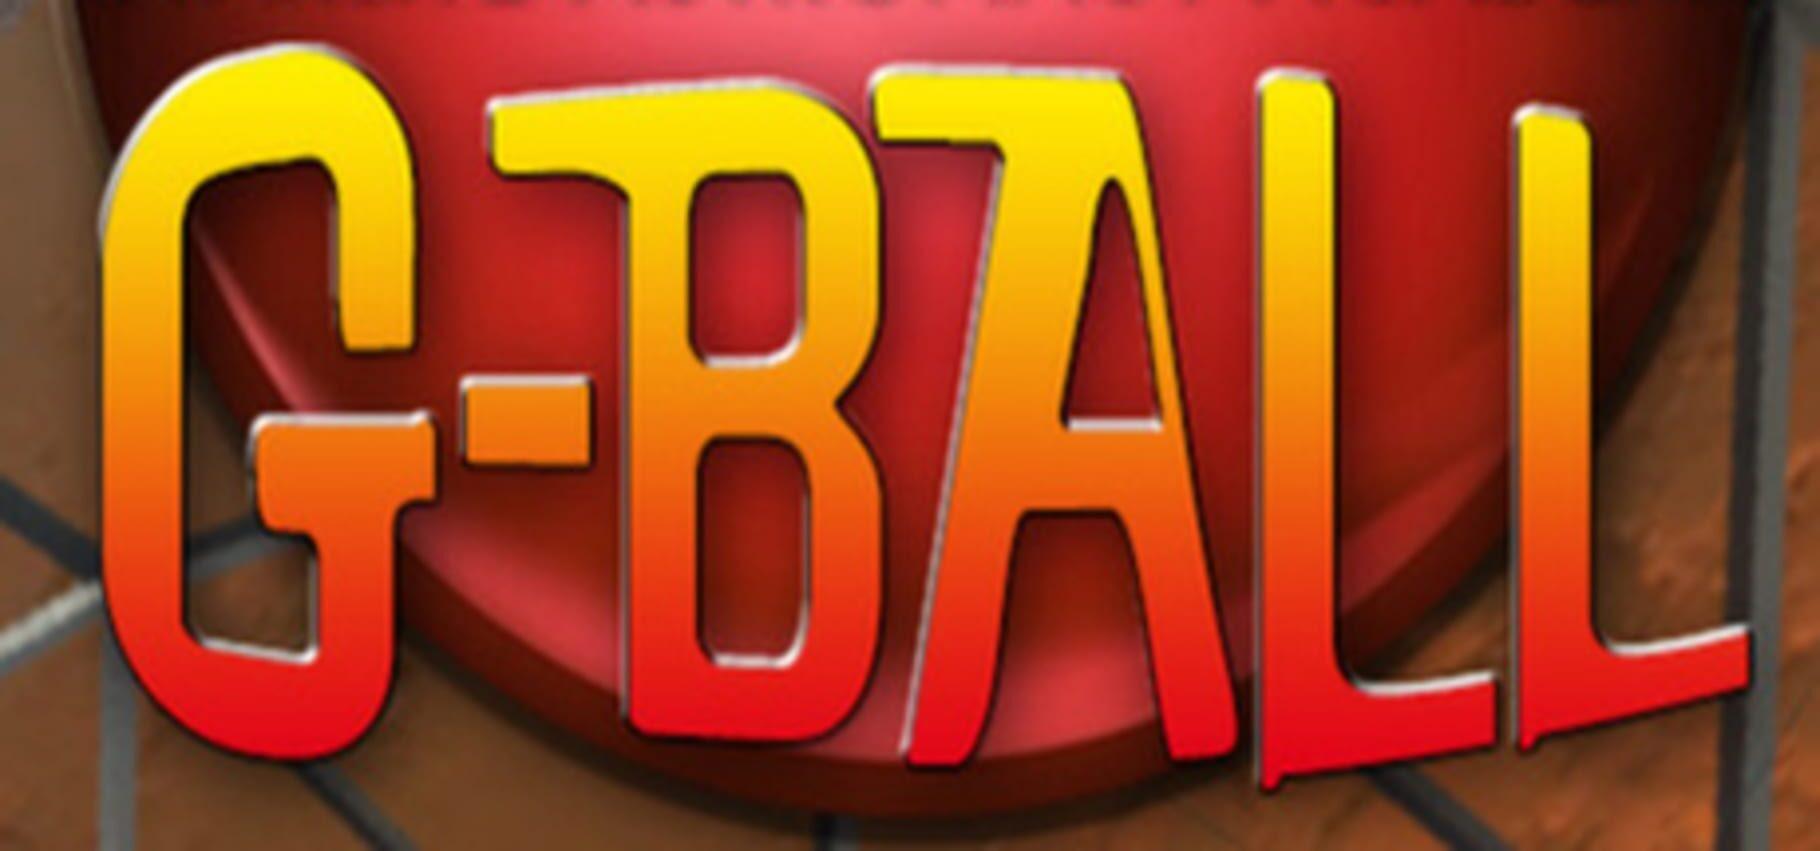 buy G-Ball cd key for all platform